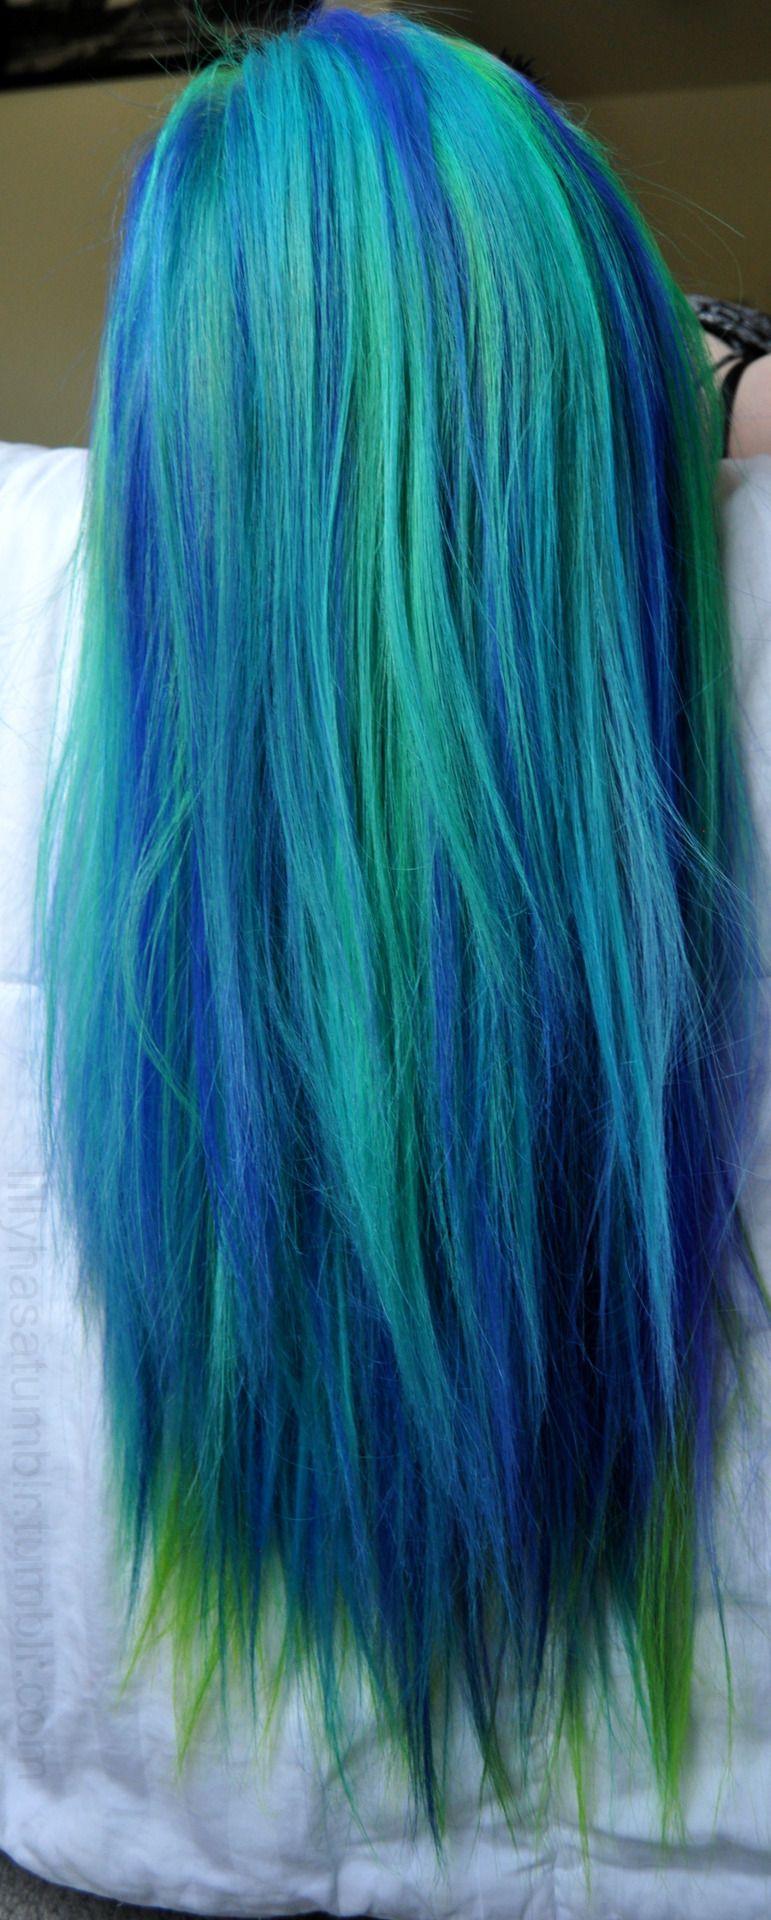 Blue and green hair beautymakeup pinterest porcelain eye